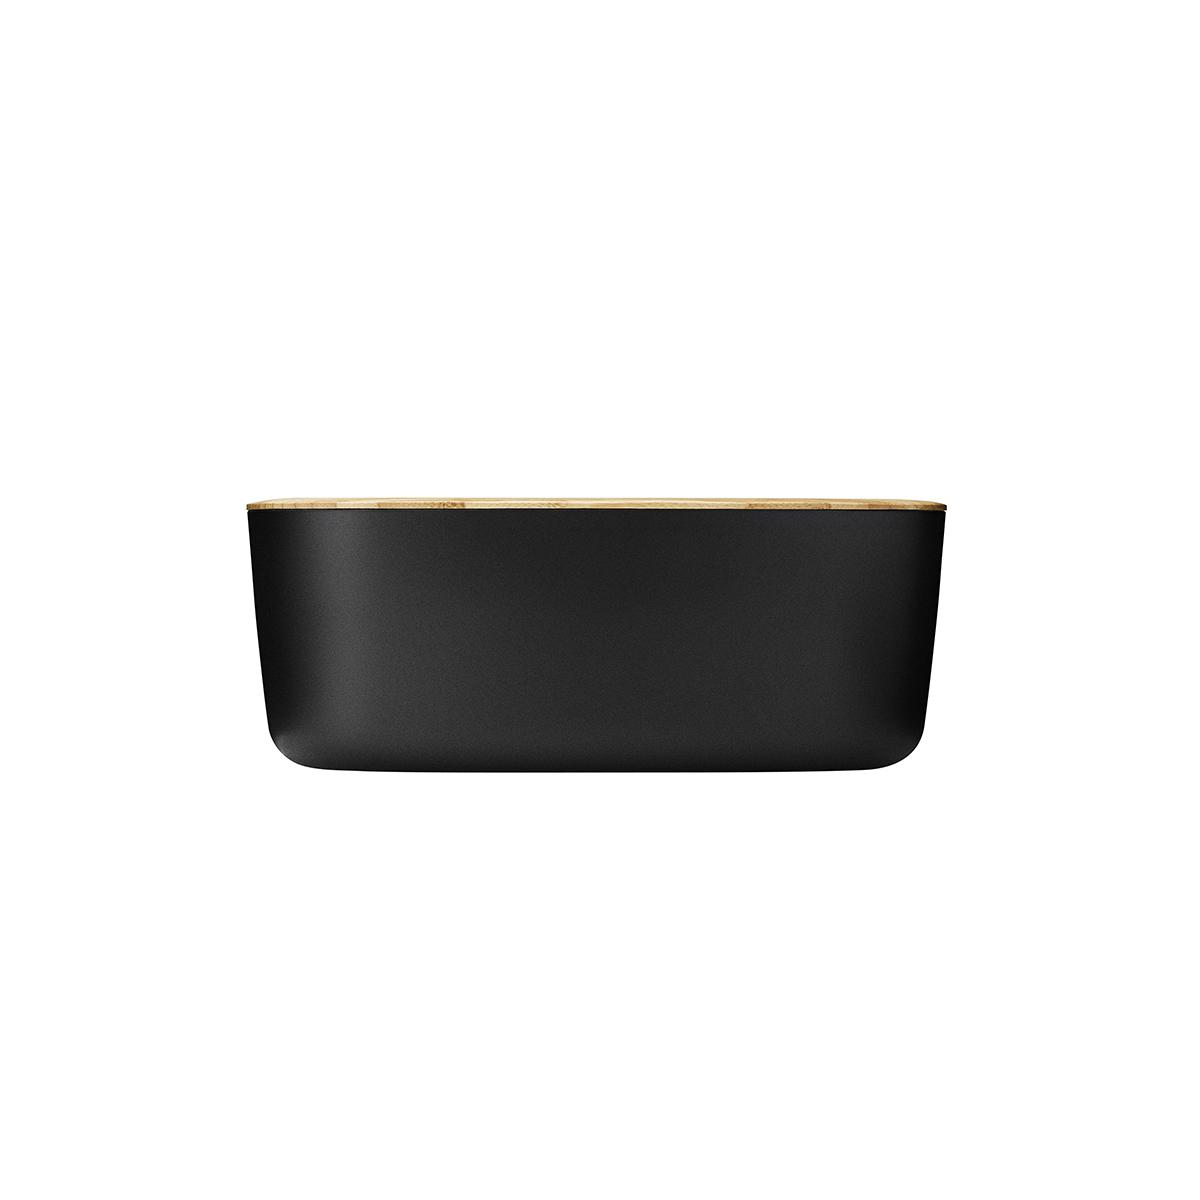 BOX_Z00038_BOX-IT_bread_box_black_2